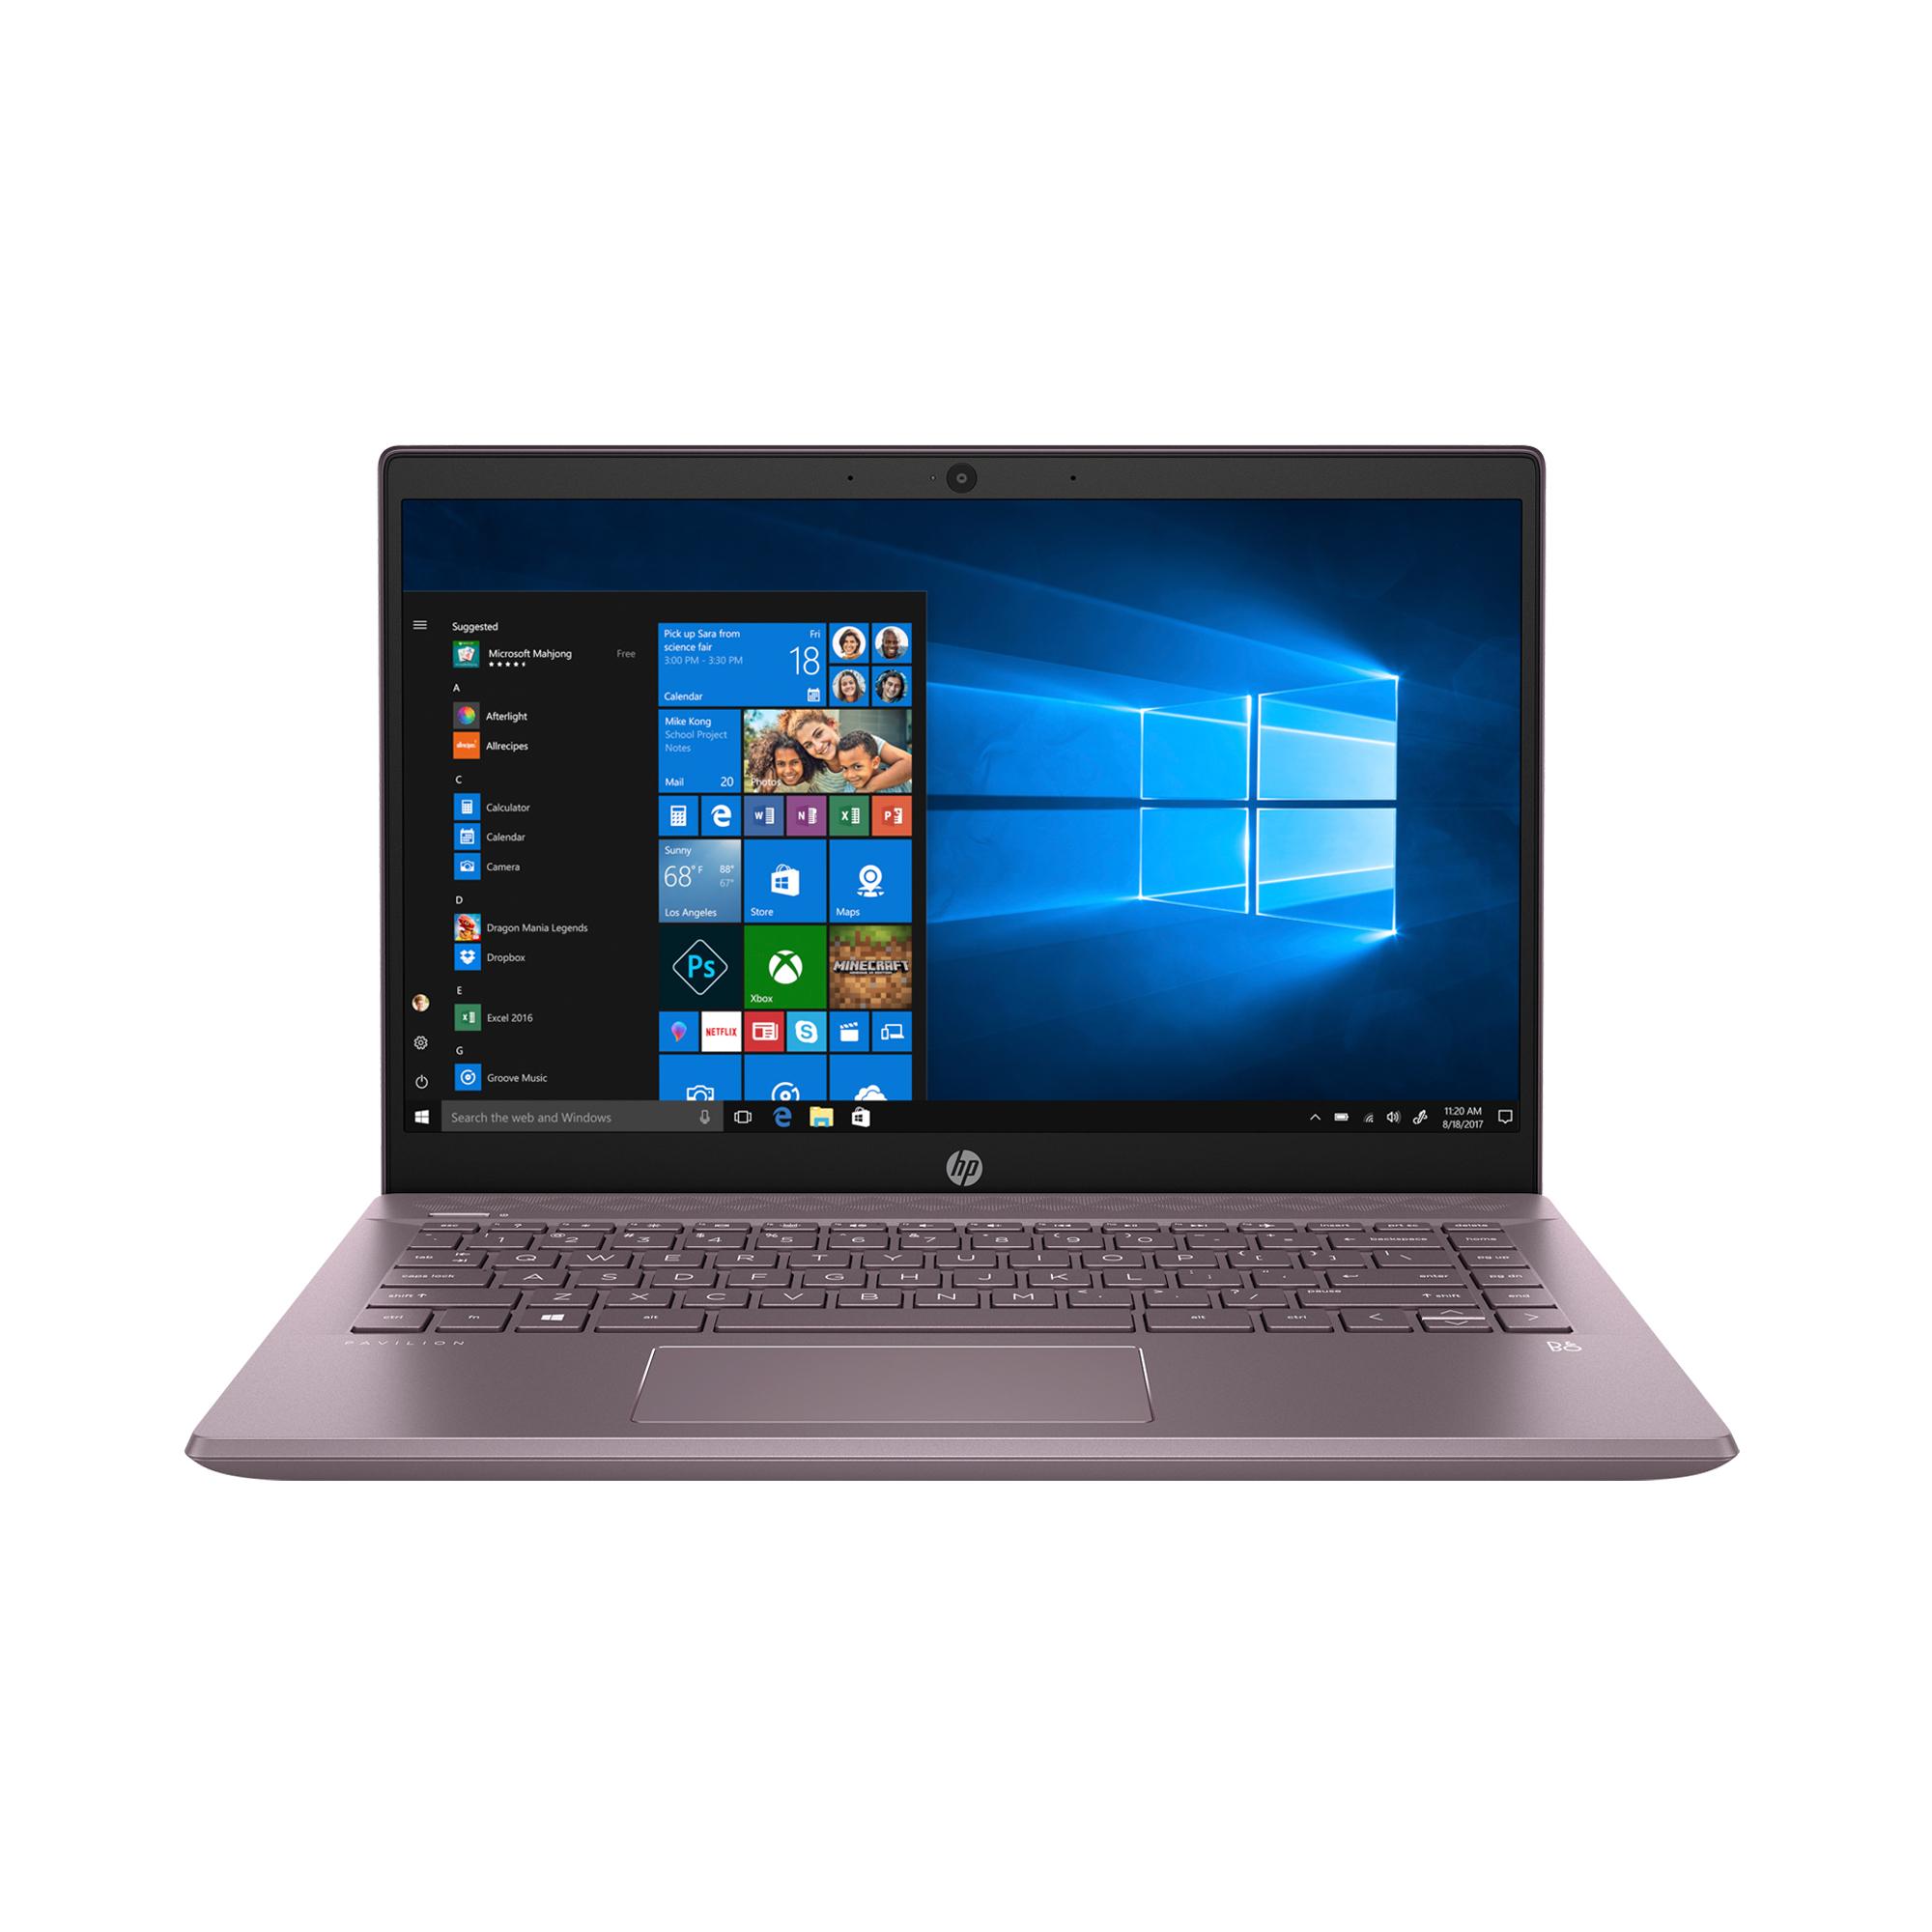 HP Pavilion 14, FHD IPS Micro-Edge Display, Intel Core Core i5-8265U, 8GB, 256GB SSD, Backlit Keyboard - $449 + FS at Walmart